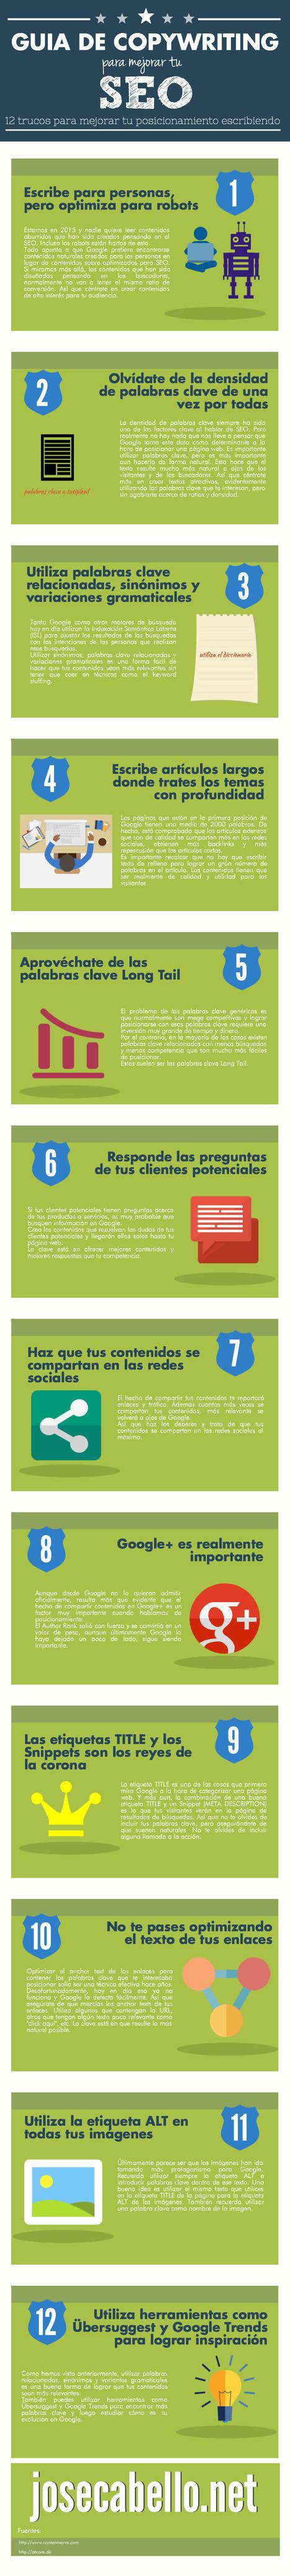 Guía de Copywriting para mejorar tu SEO (Infografía) | Comunicación, Brand Journalism y RRPP | Scoop.it